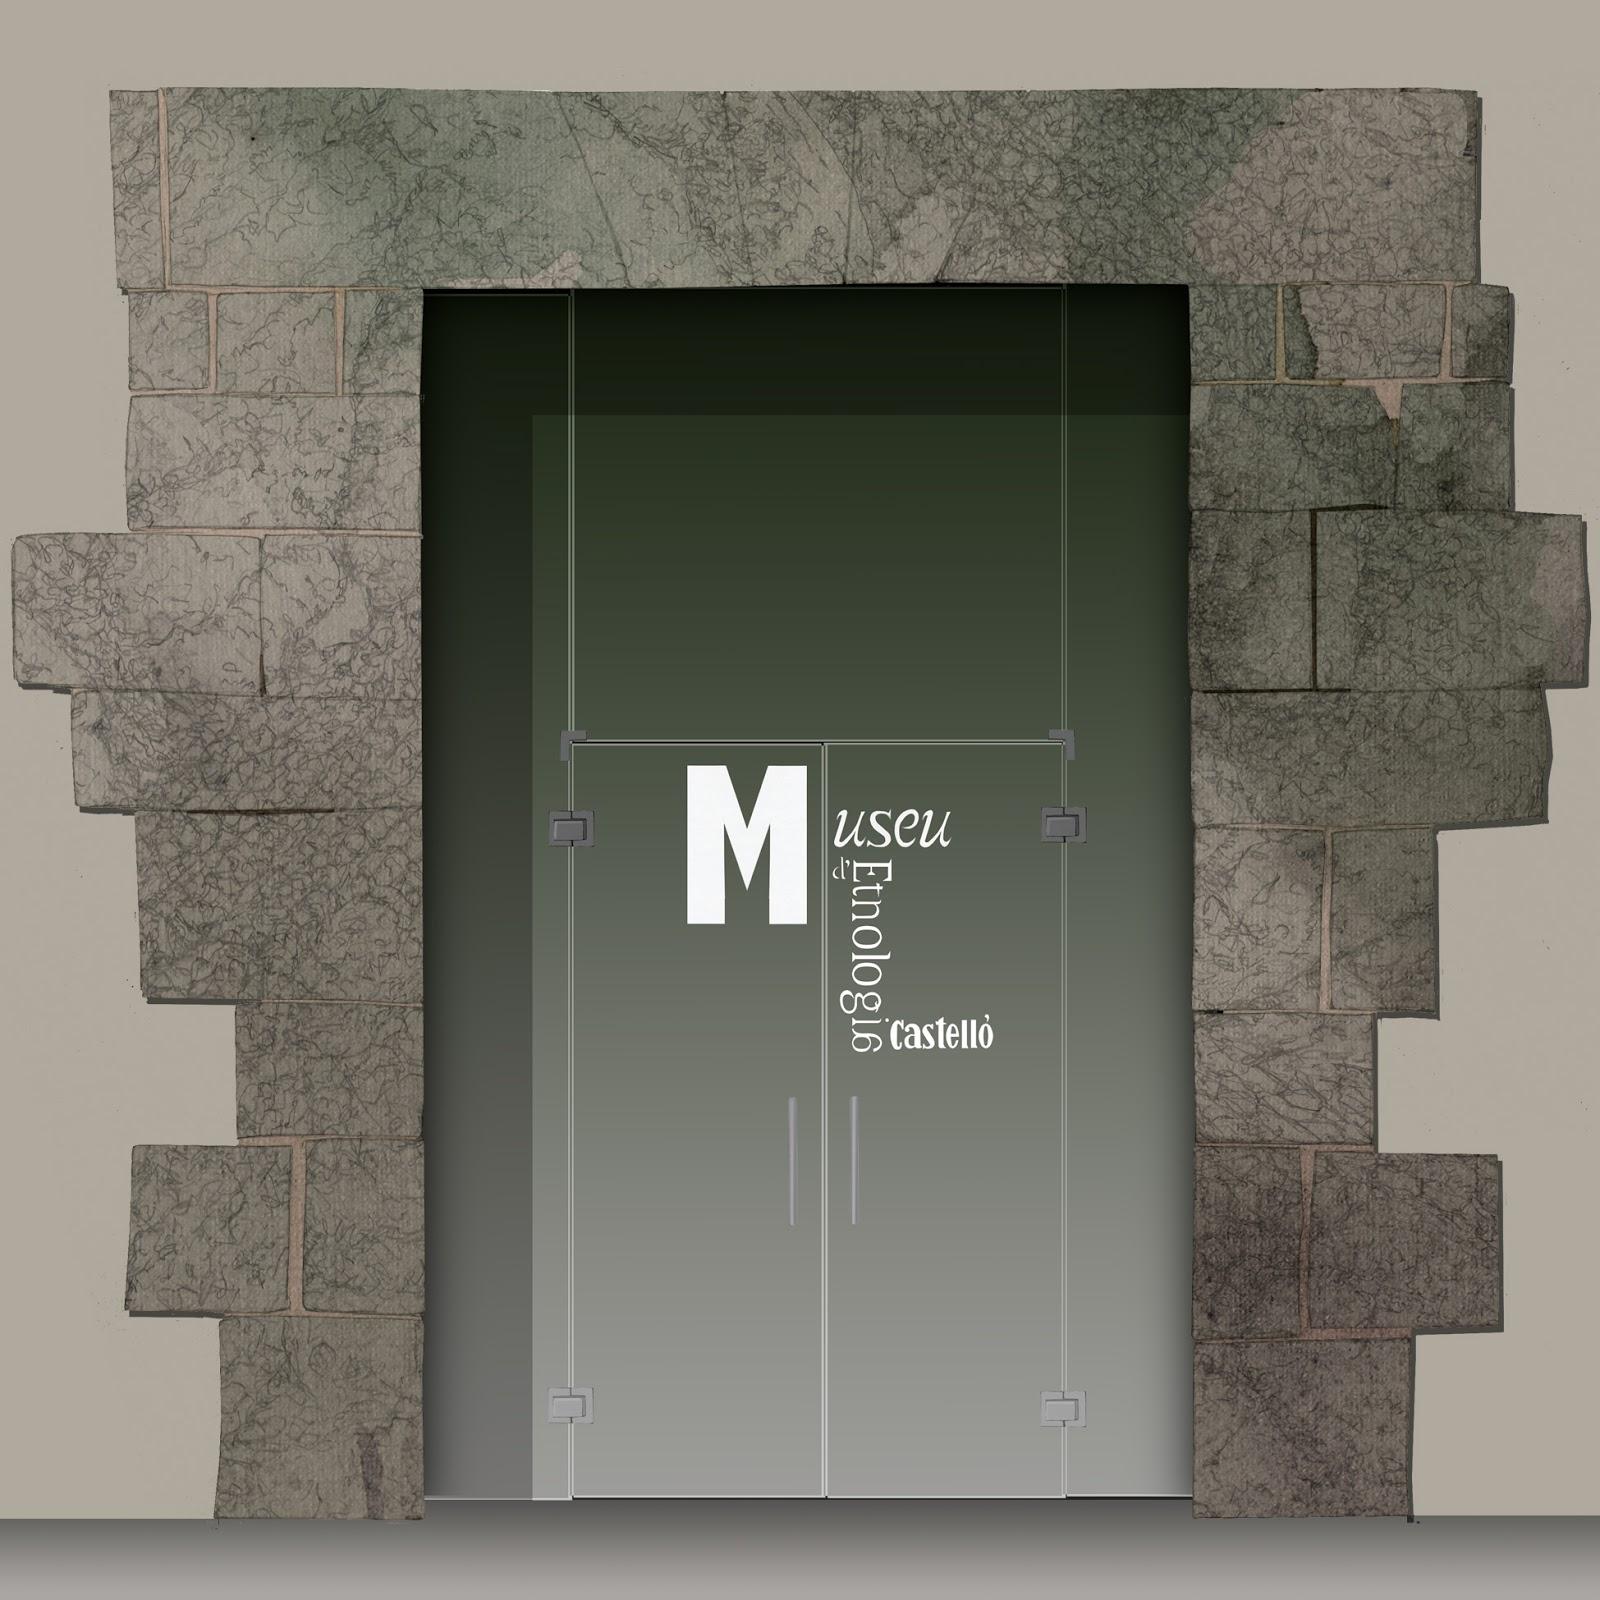 dibujo, puerta, piedra y cristal